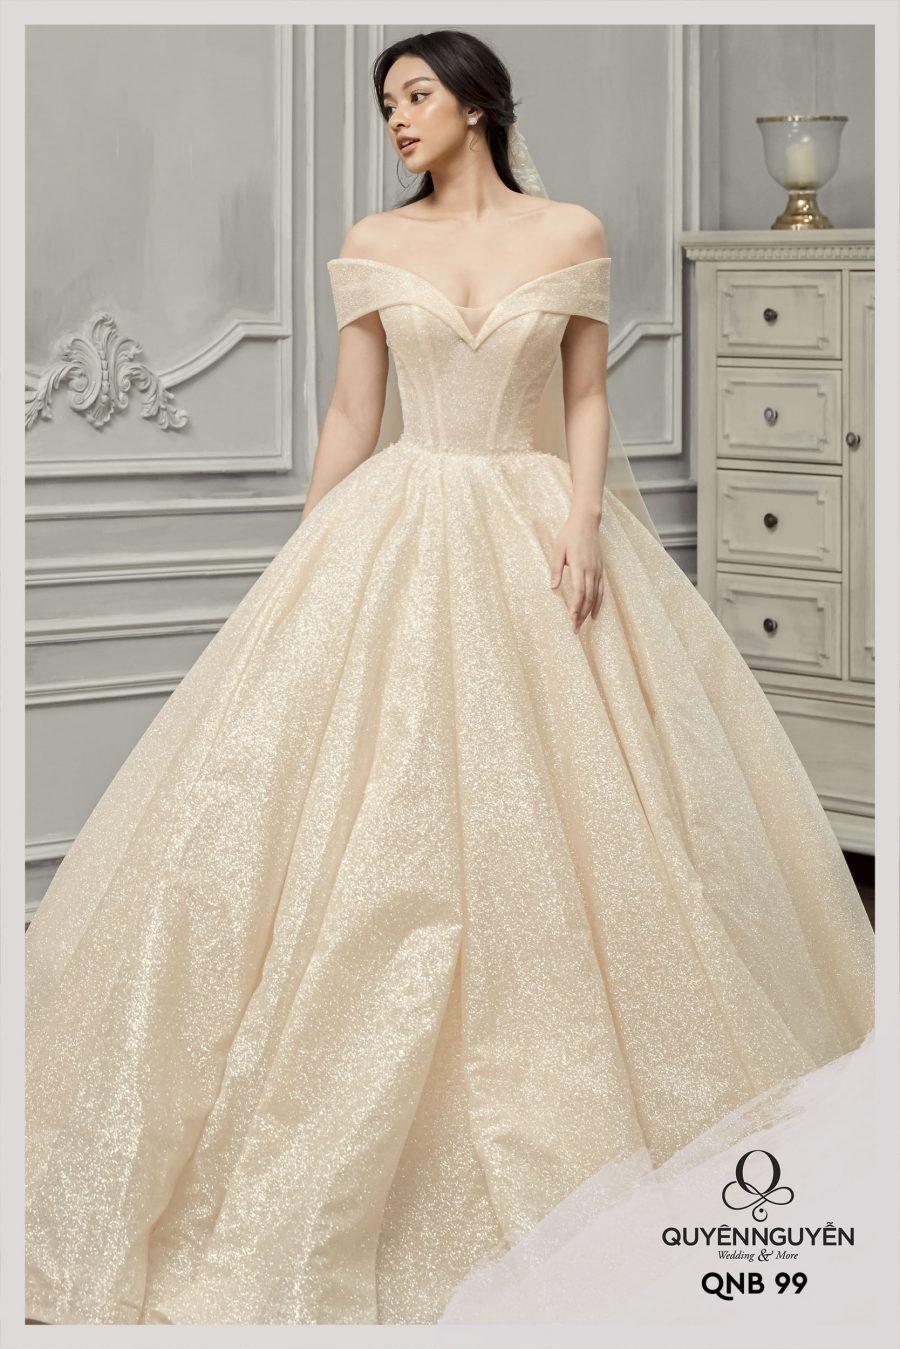 Những địa chỉ cho thuê váy cưới đẹp nhất tại Hà Nội